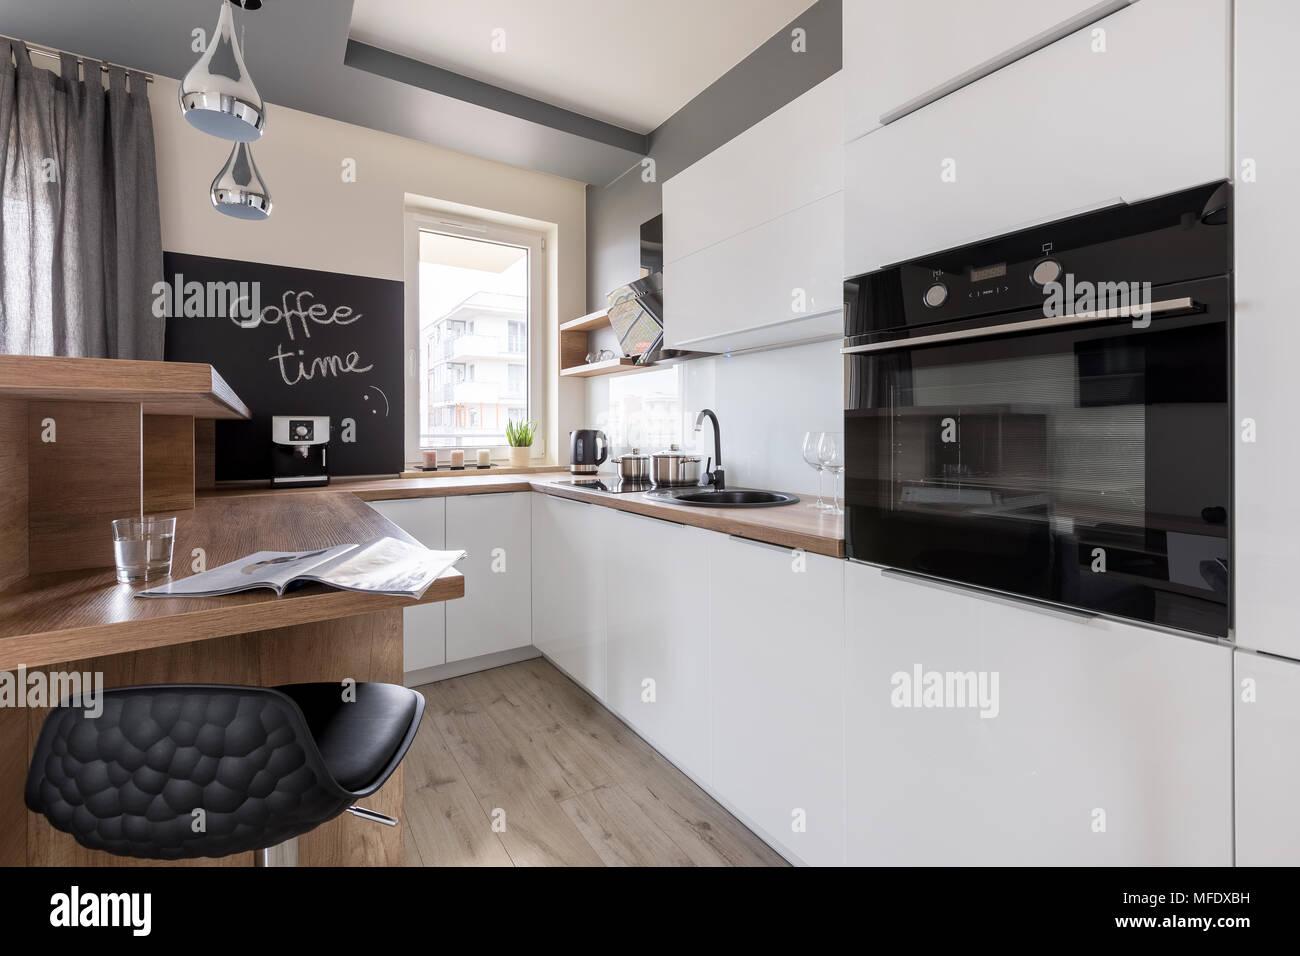 Cucina in stile contemporaneo con mobili bianchi e neri sgabello